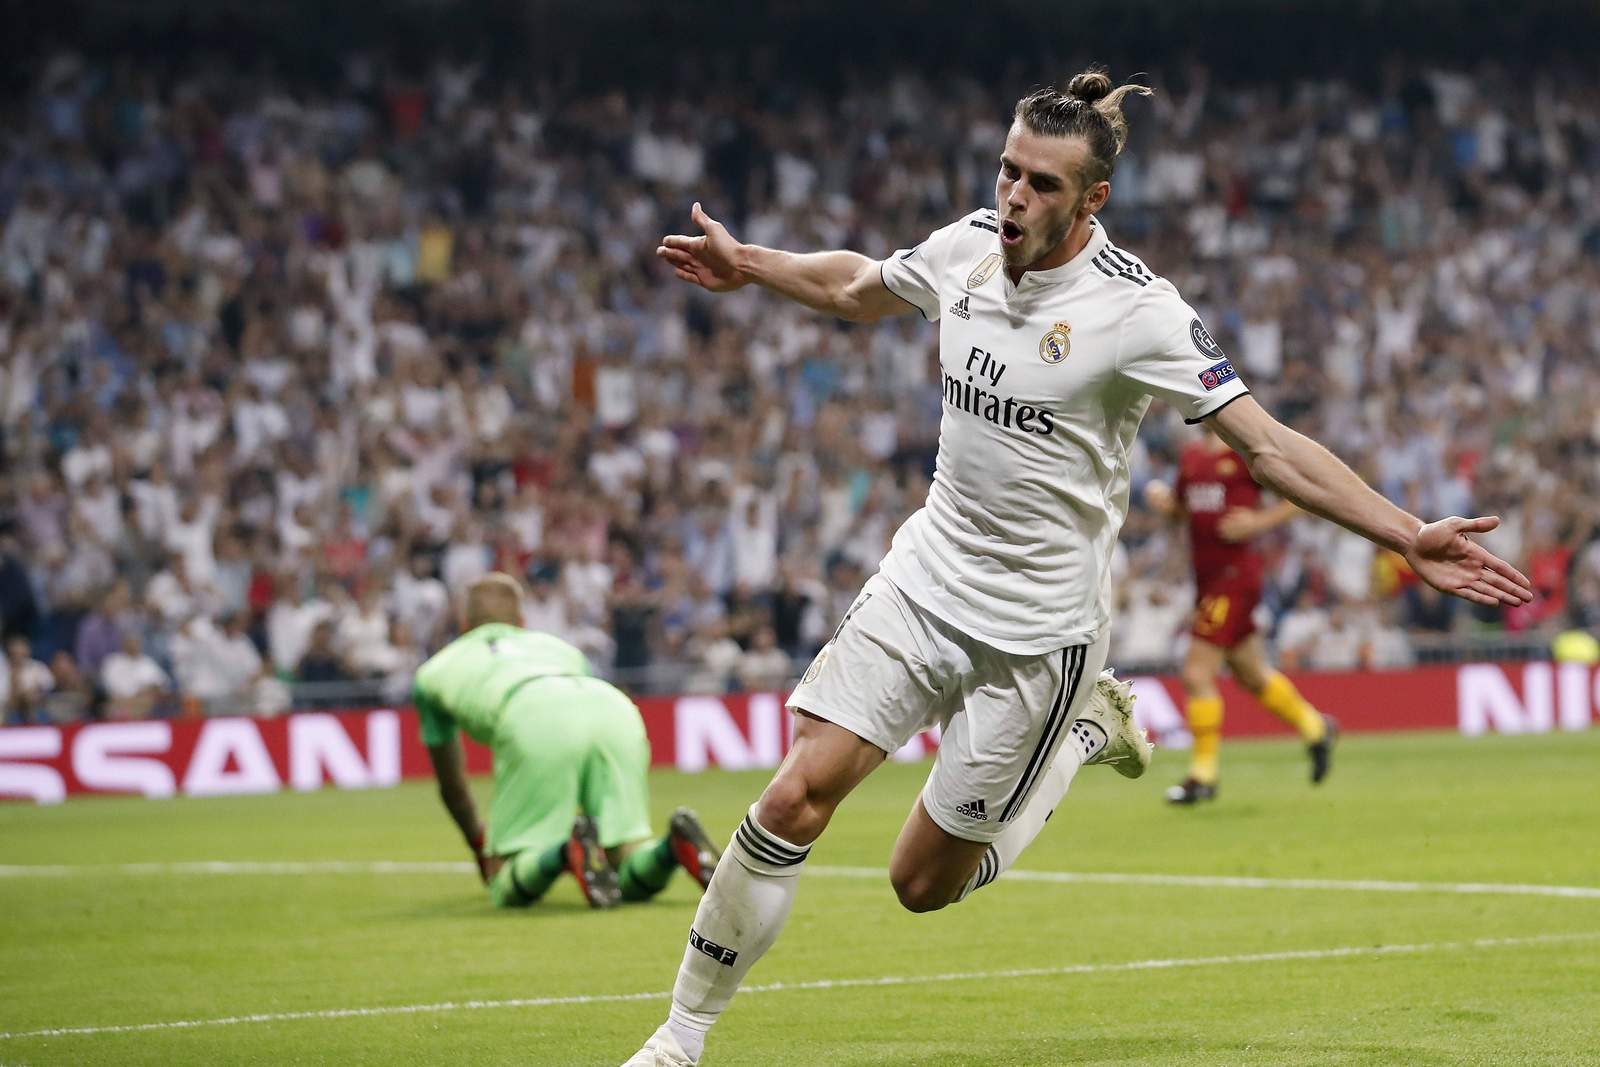 Jubelt Bale wieder? Jetzt auf AS Rom gegen Real Madrid wetten